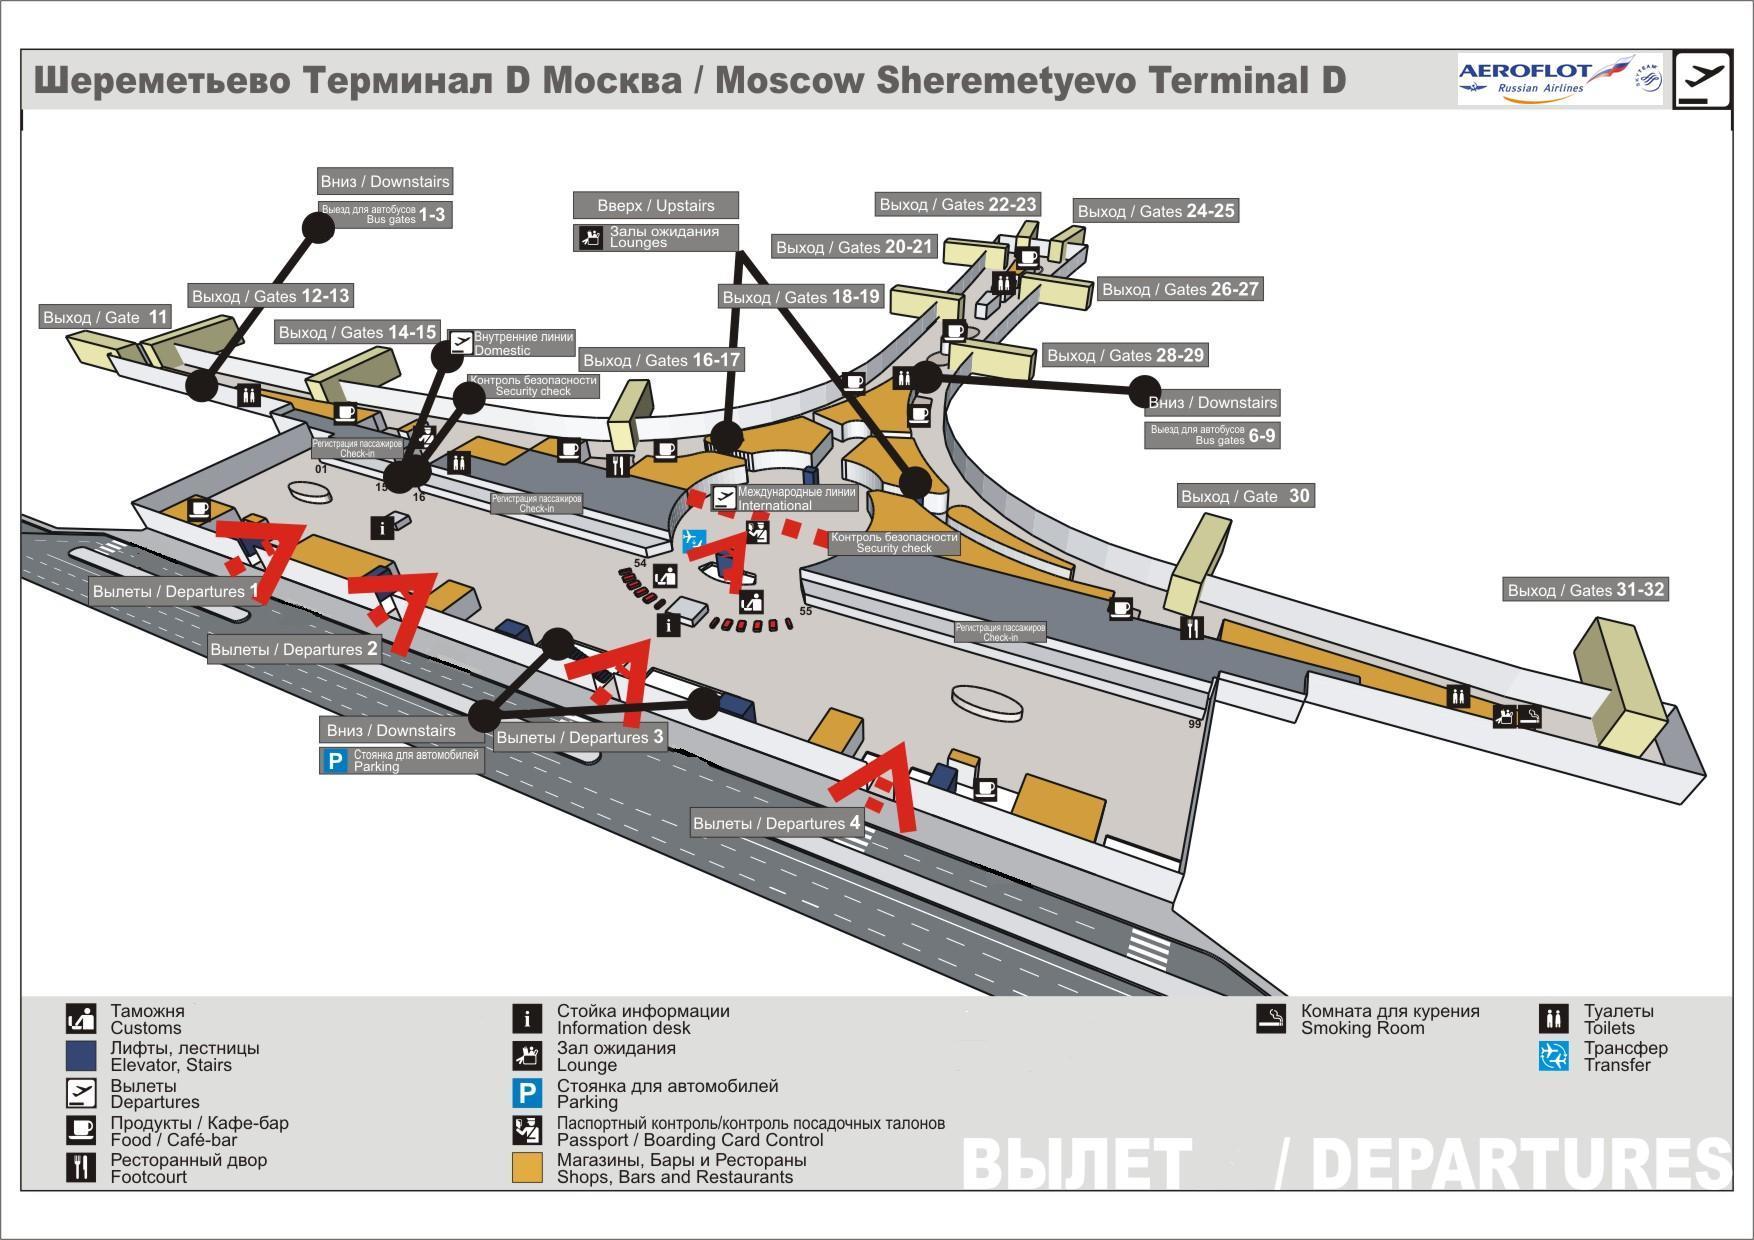 Терминал д шереметьево схема проезда для прилета в